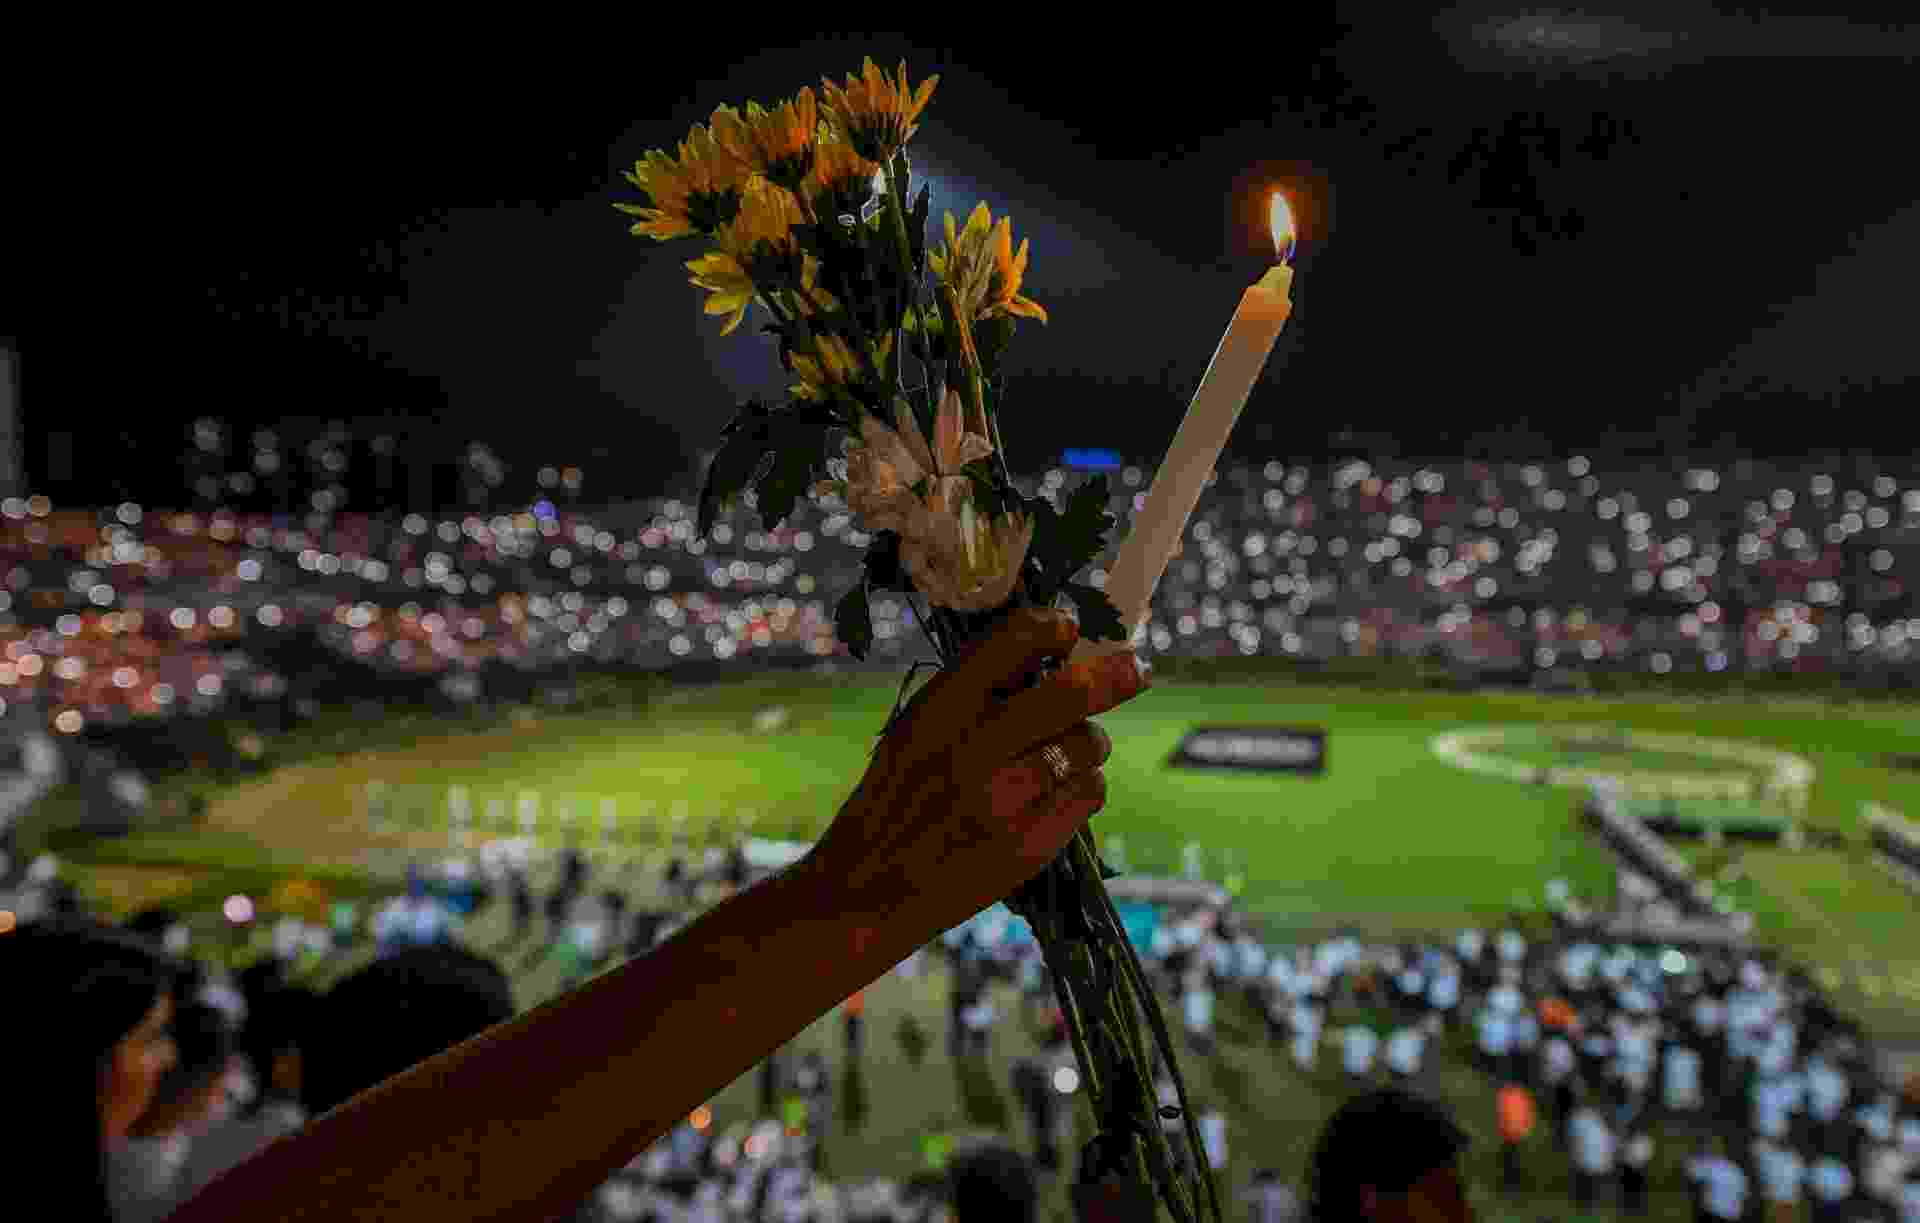 Pessoas prestam homenagem no estádio Atanasio Girardot, em Medellin, na Colômbia - Luis Acosta/AFP Photo